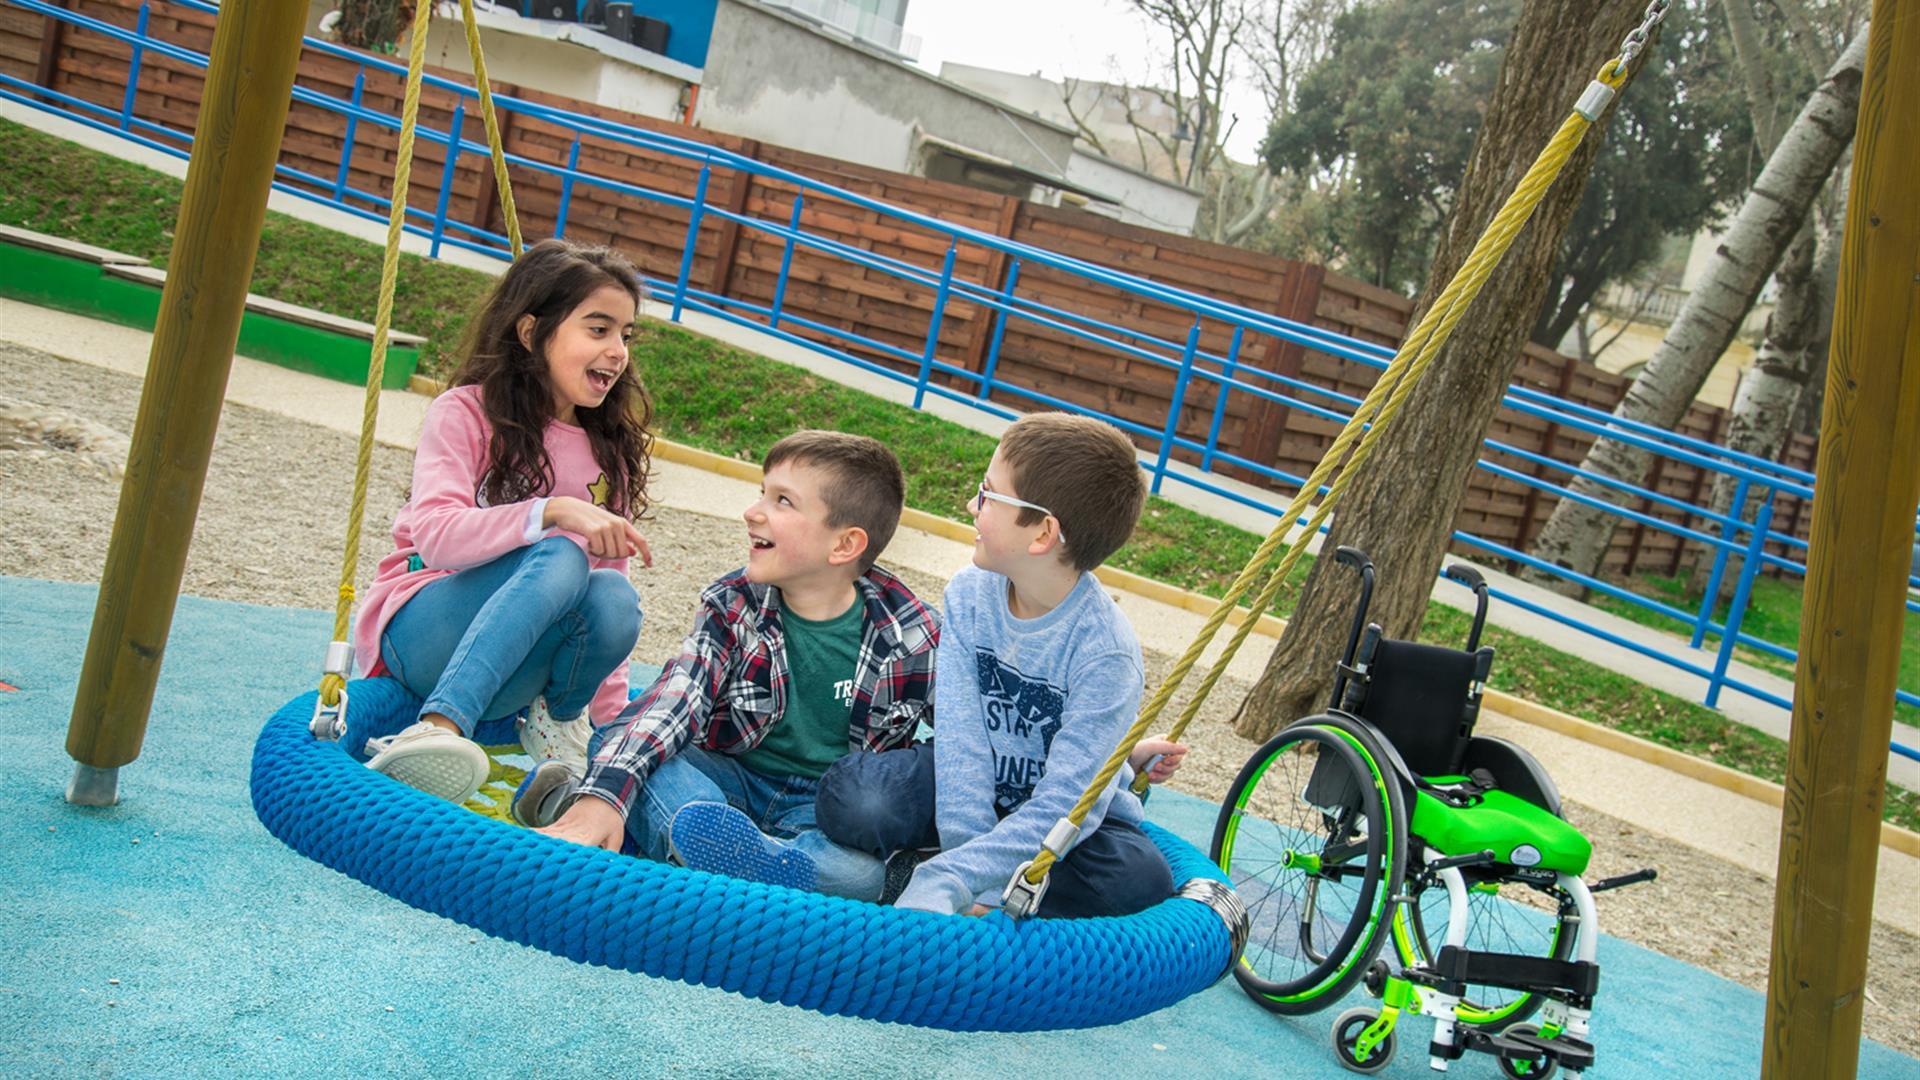 Contributi per l'acquisto di giochi inclusivi nei parchi gioco pubblici, Di Cintio (PSI): i Comuni valutino seriamente questa opportunità